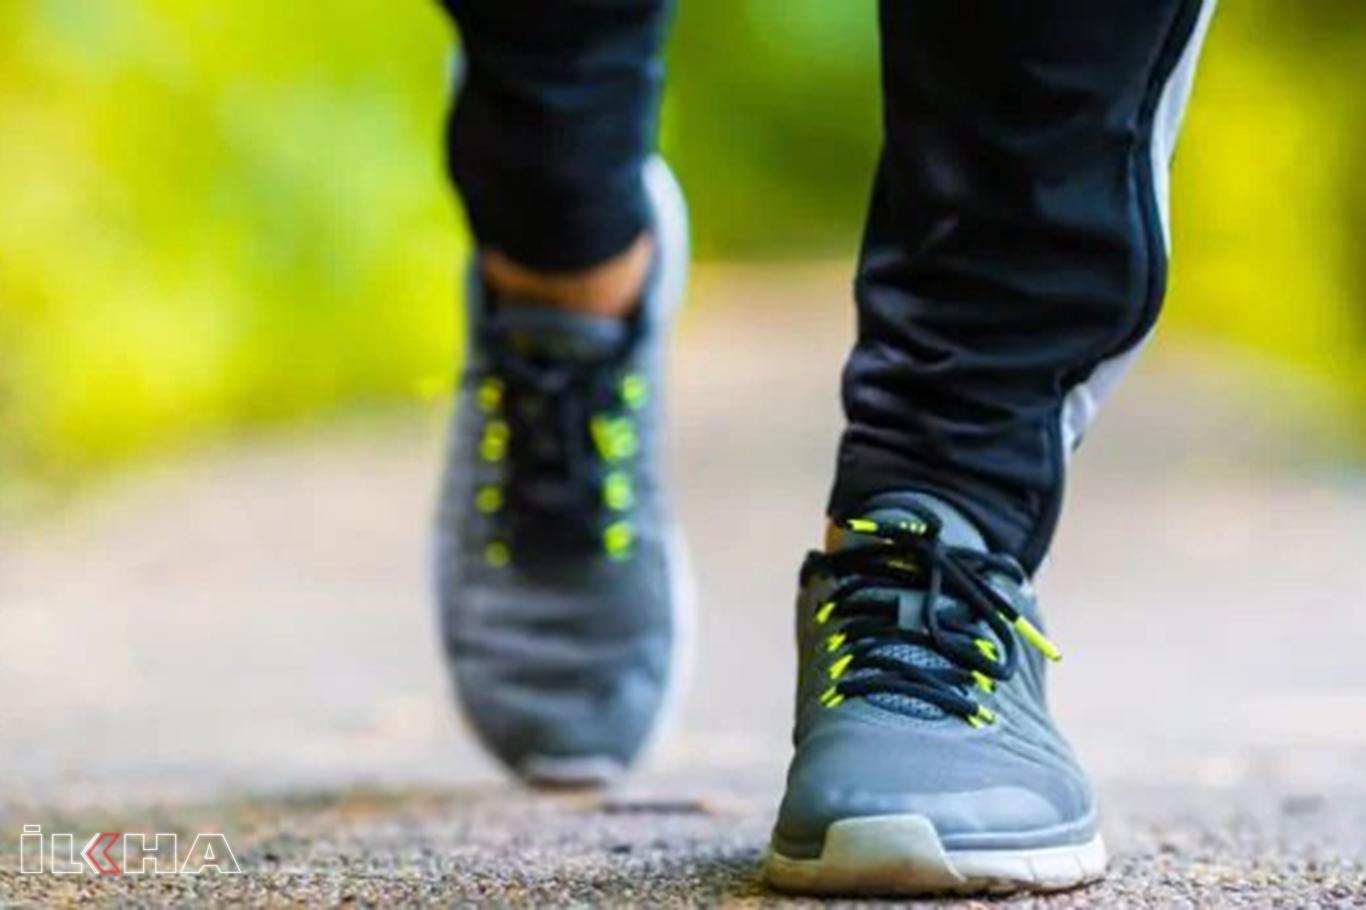 Gençlerin yüzde 80'inden fazlası yeterince hareket etmiyor.